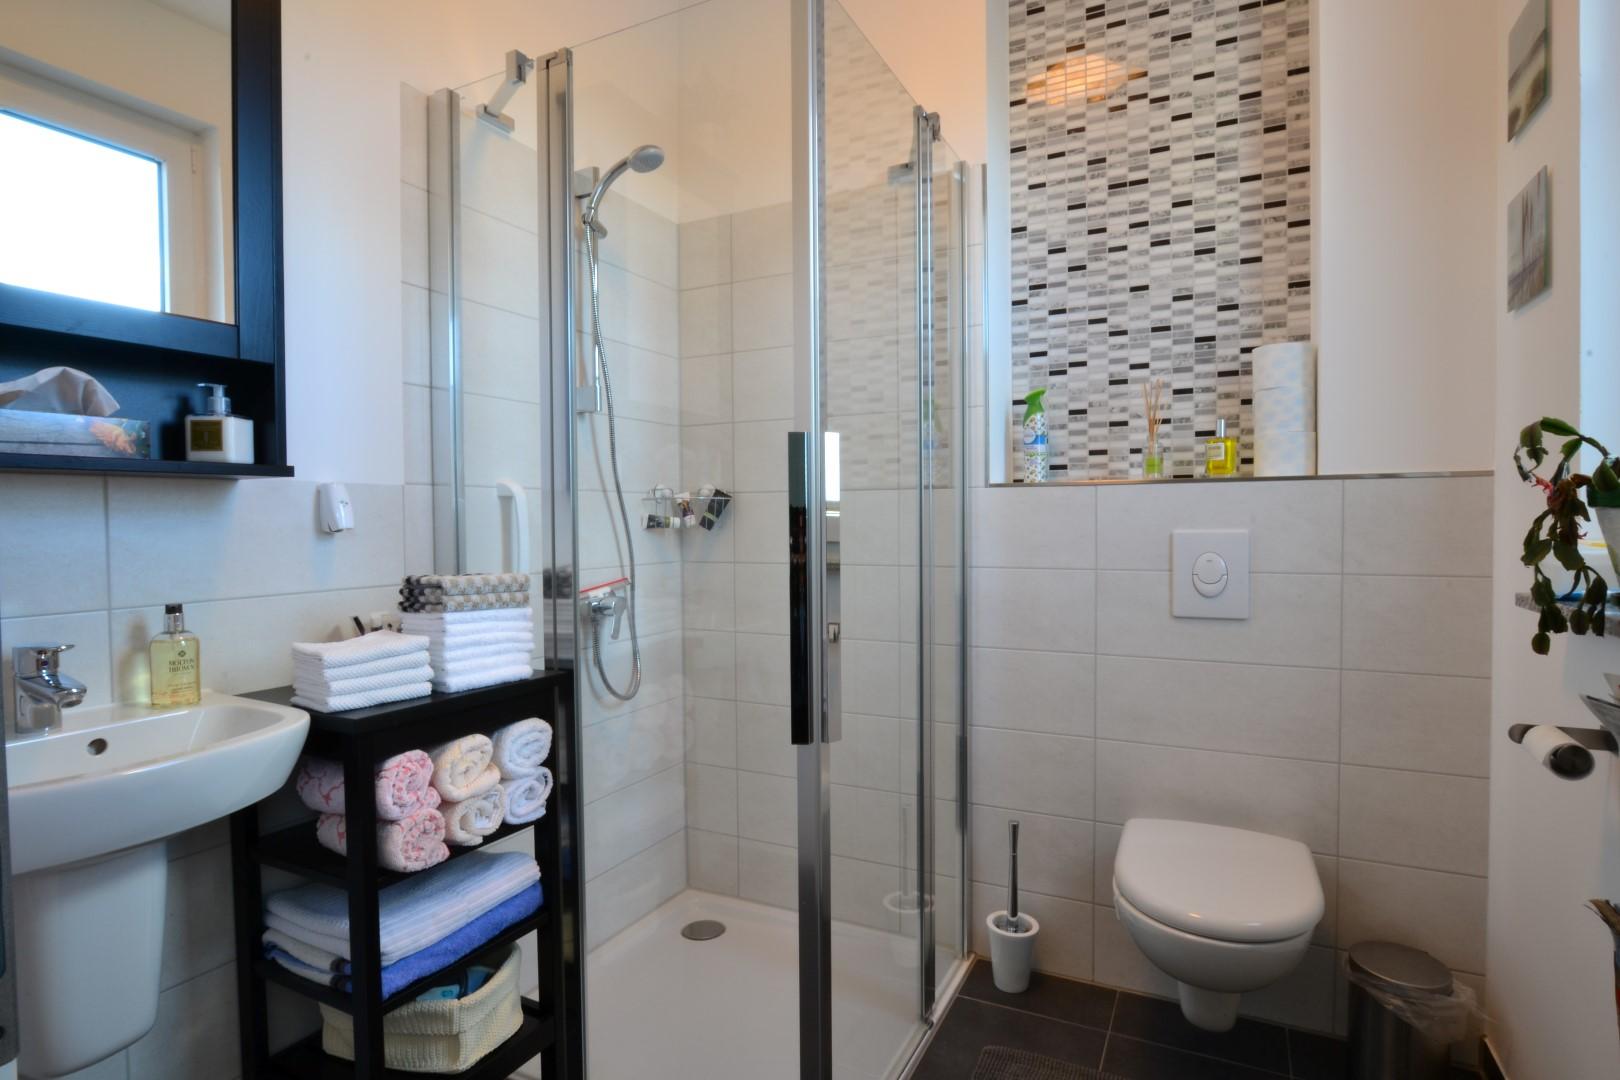 g ste wc mit dusche im eg feldbusch immobilien e k. Black Bedroom Furniture Sets. Home Design Ideas